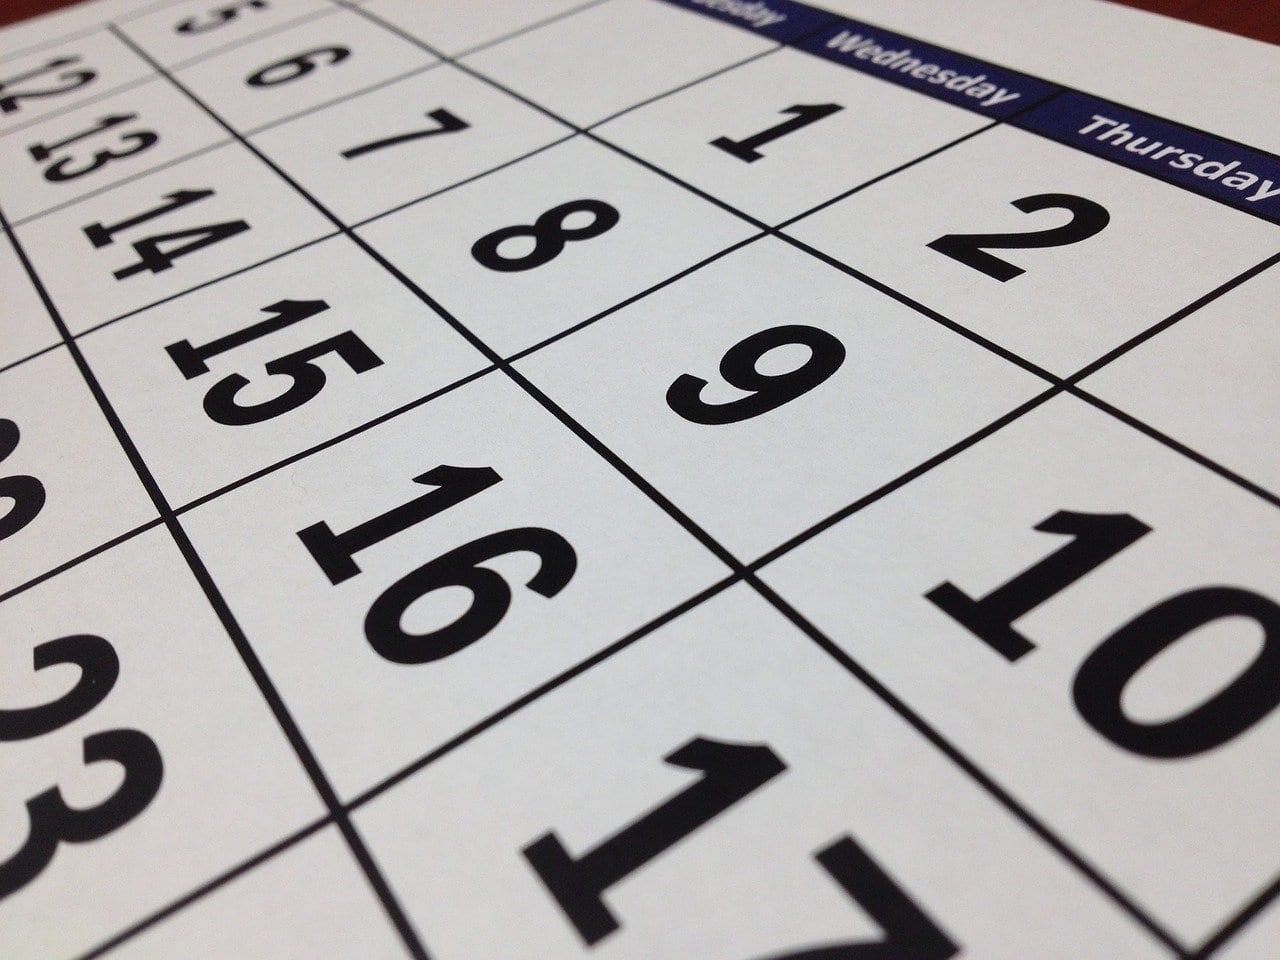 Αργίες 2020: Θεοφάνεια Απόκριες Καθαρή Δευτέρα Τσικνοπέμπτη Πάσχα - Πότε πέφτουν οι αργίες αλλά και οι κινητές εορτές του νέου χρόνου